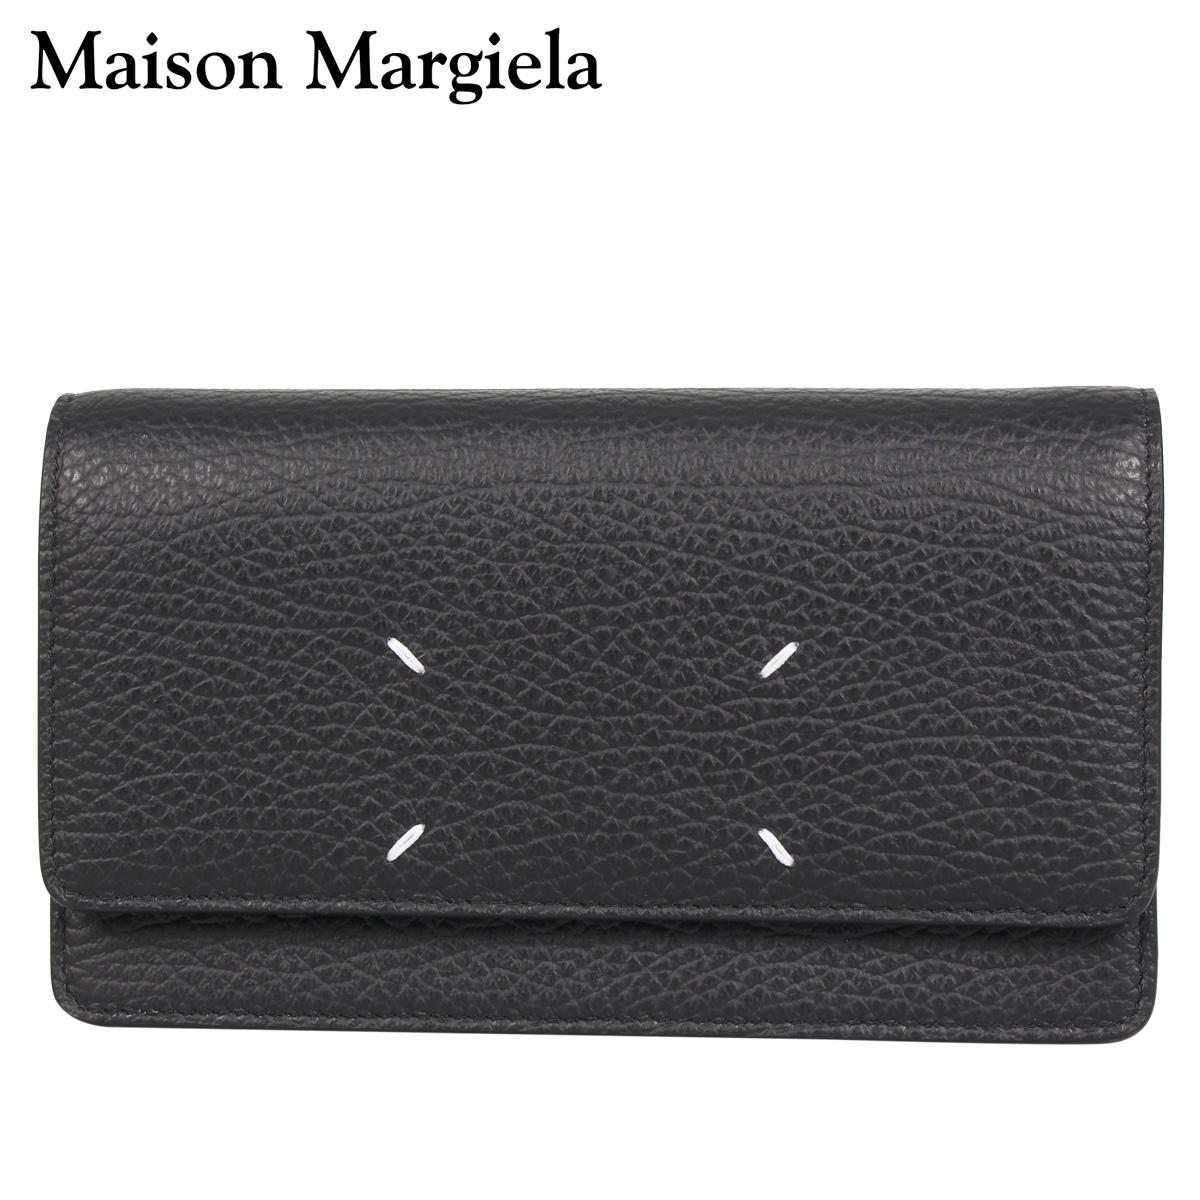 最安値級価格 メゾンマルジェラ MAISON MARGIELA 財布 長財布 ショルダー ショルダー レディース WALLET SHOULDER S56UI0147 WALLET ブラック 黒 S56UI0147, フジバンビ:3f3a6529 --- cpps.dyndns.info